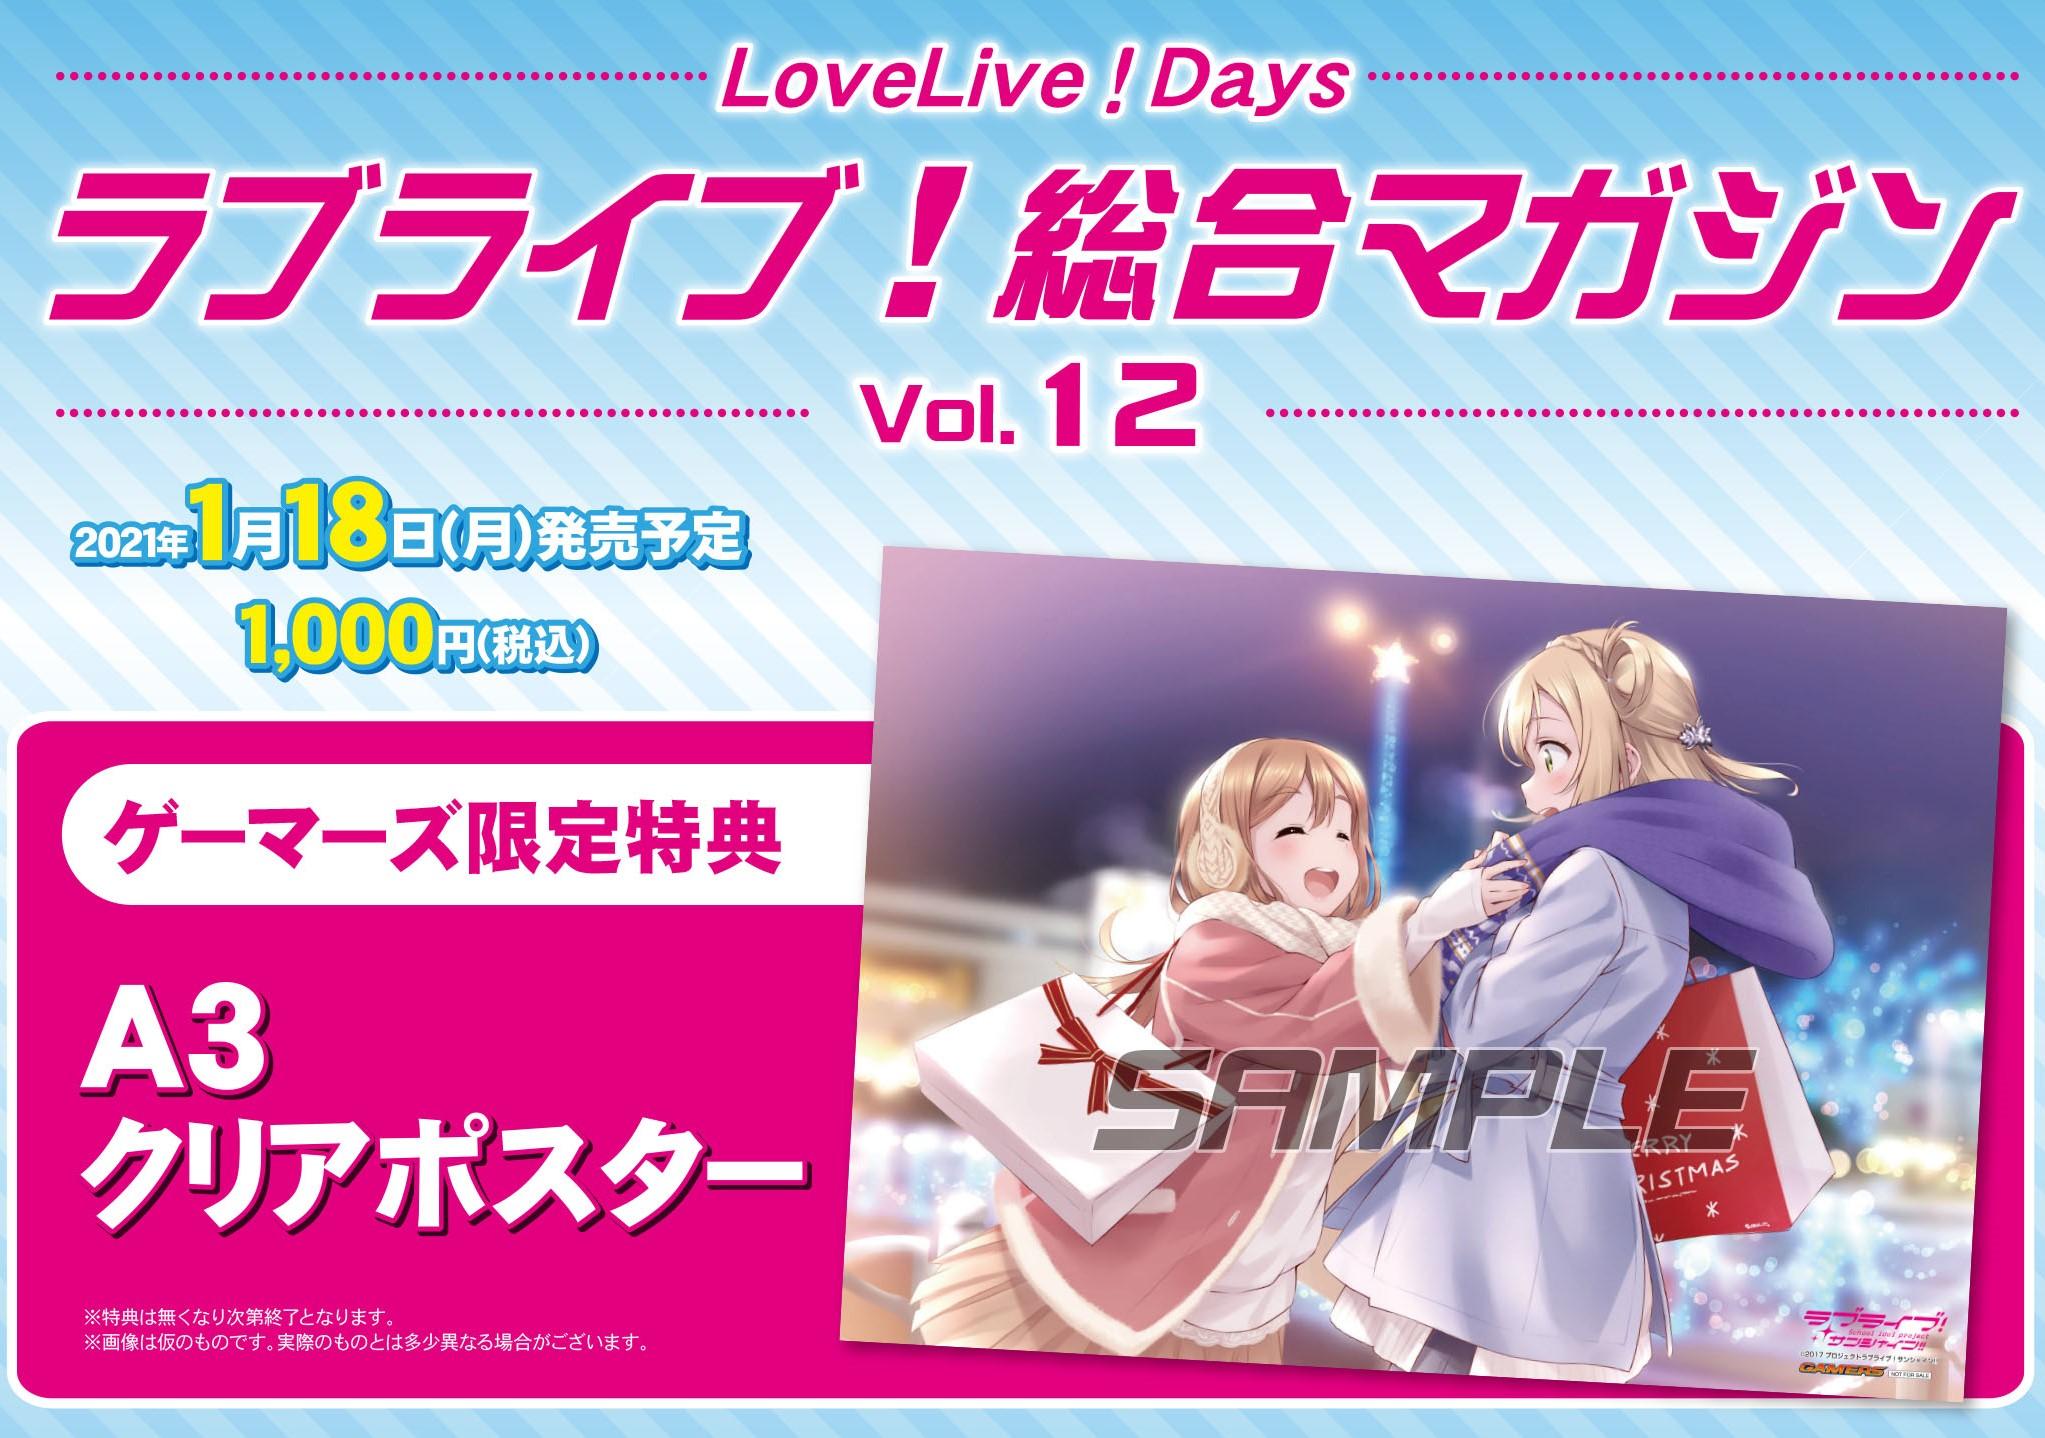 ゲーマーズ,店舗特典,ラブライブ!, LoveLive!Days